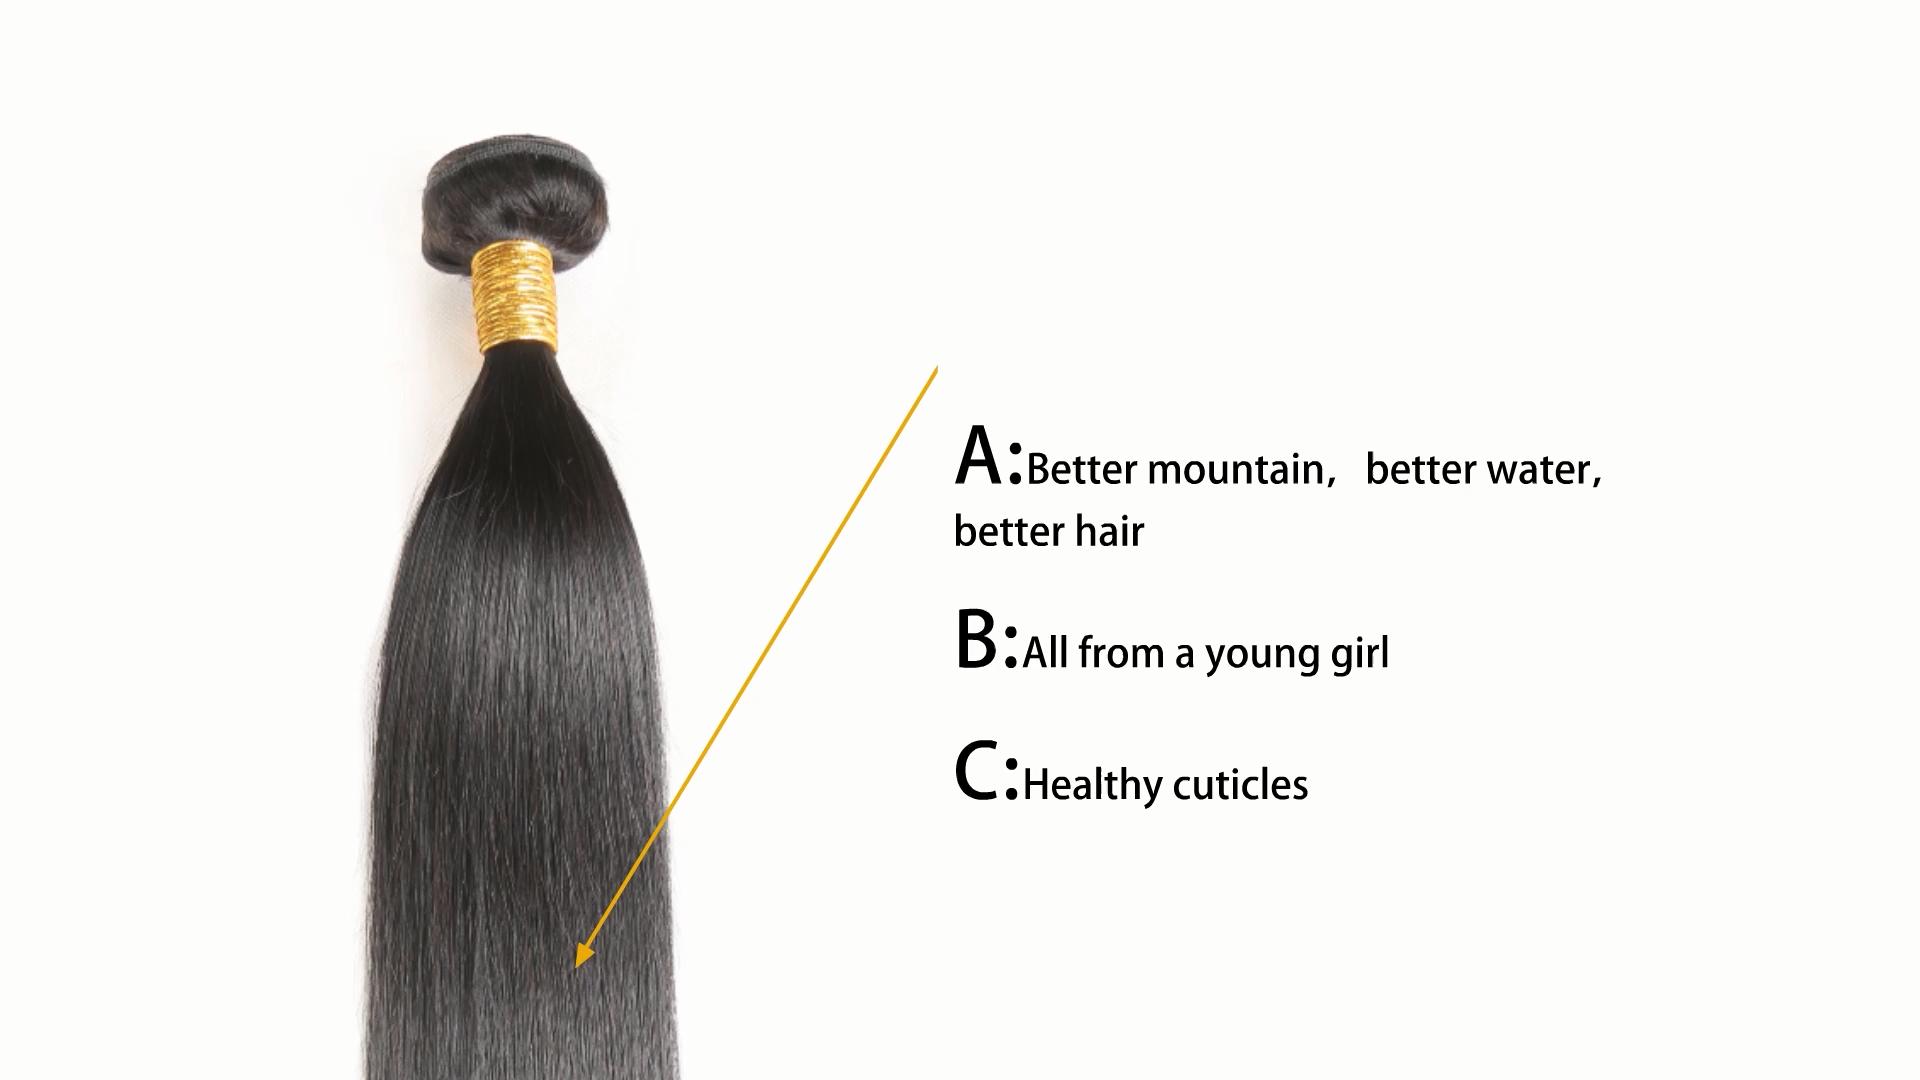 סיטונאי ספקי 100% רמי טבעי כפול נמשך מינק גלם בתולה שיער טבעי צרור לציפורן מזדהית ברזילאי שיער